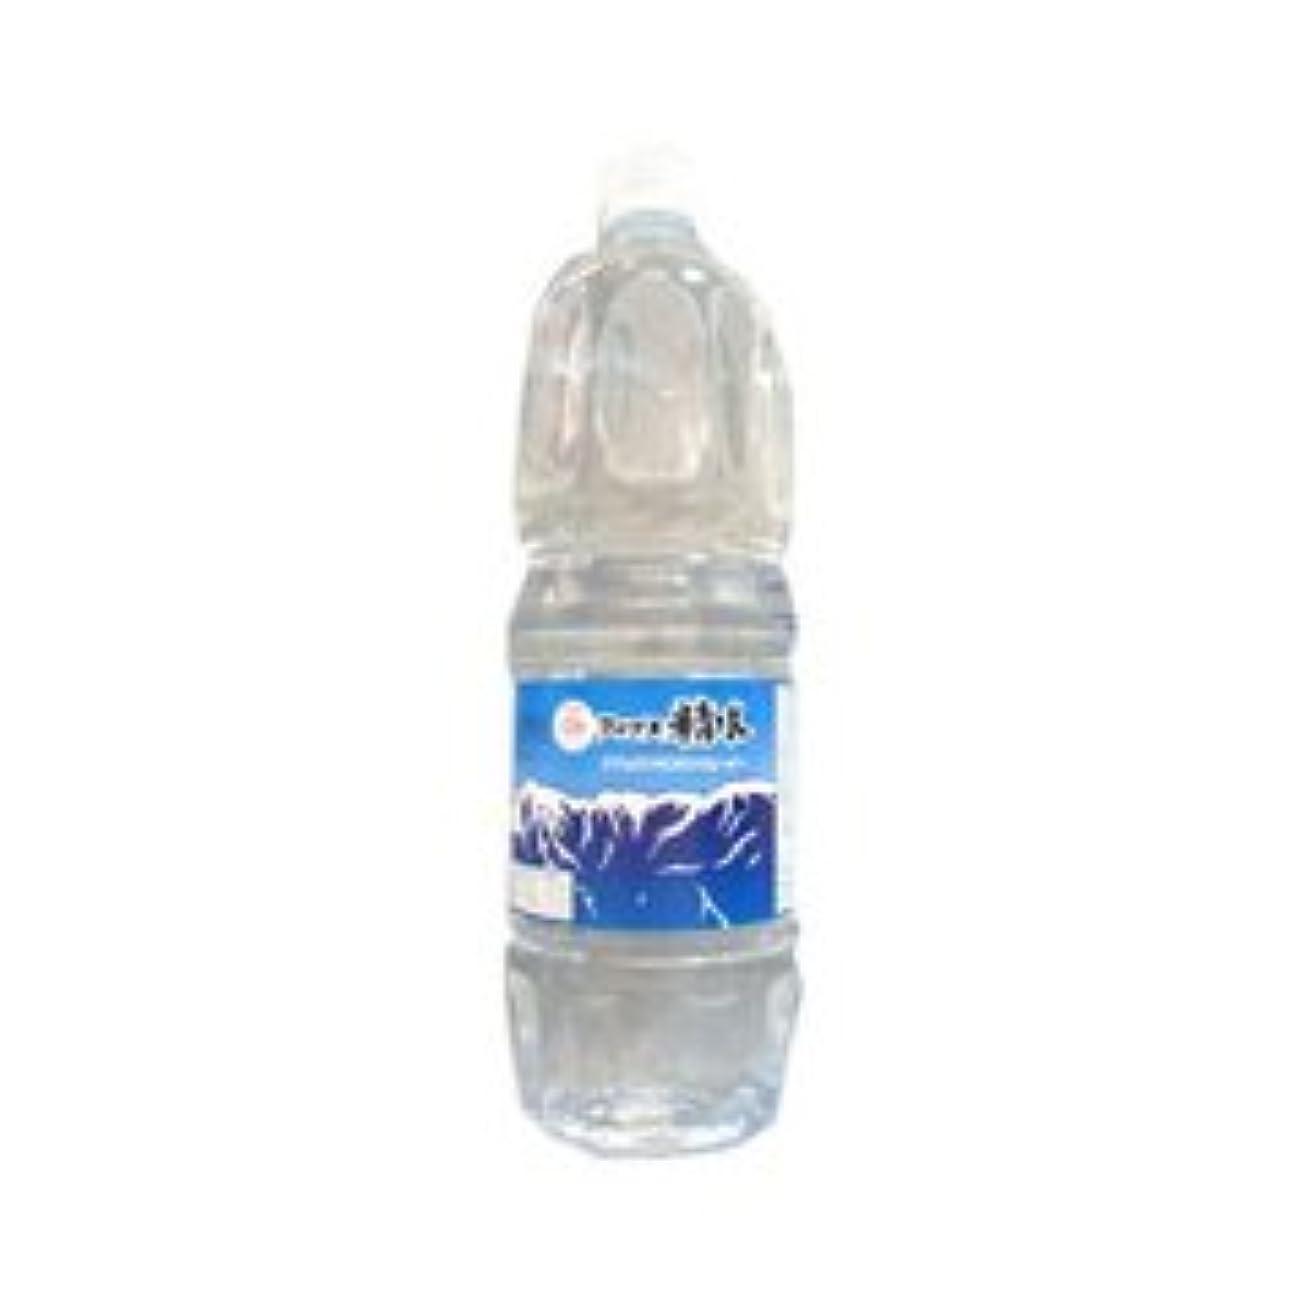 ロースト合計ワーム【五洲薬品】アルプス精水 1500ml ペットボトル 10本セット